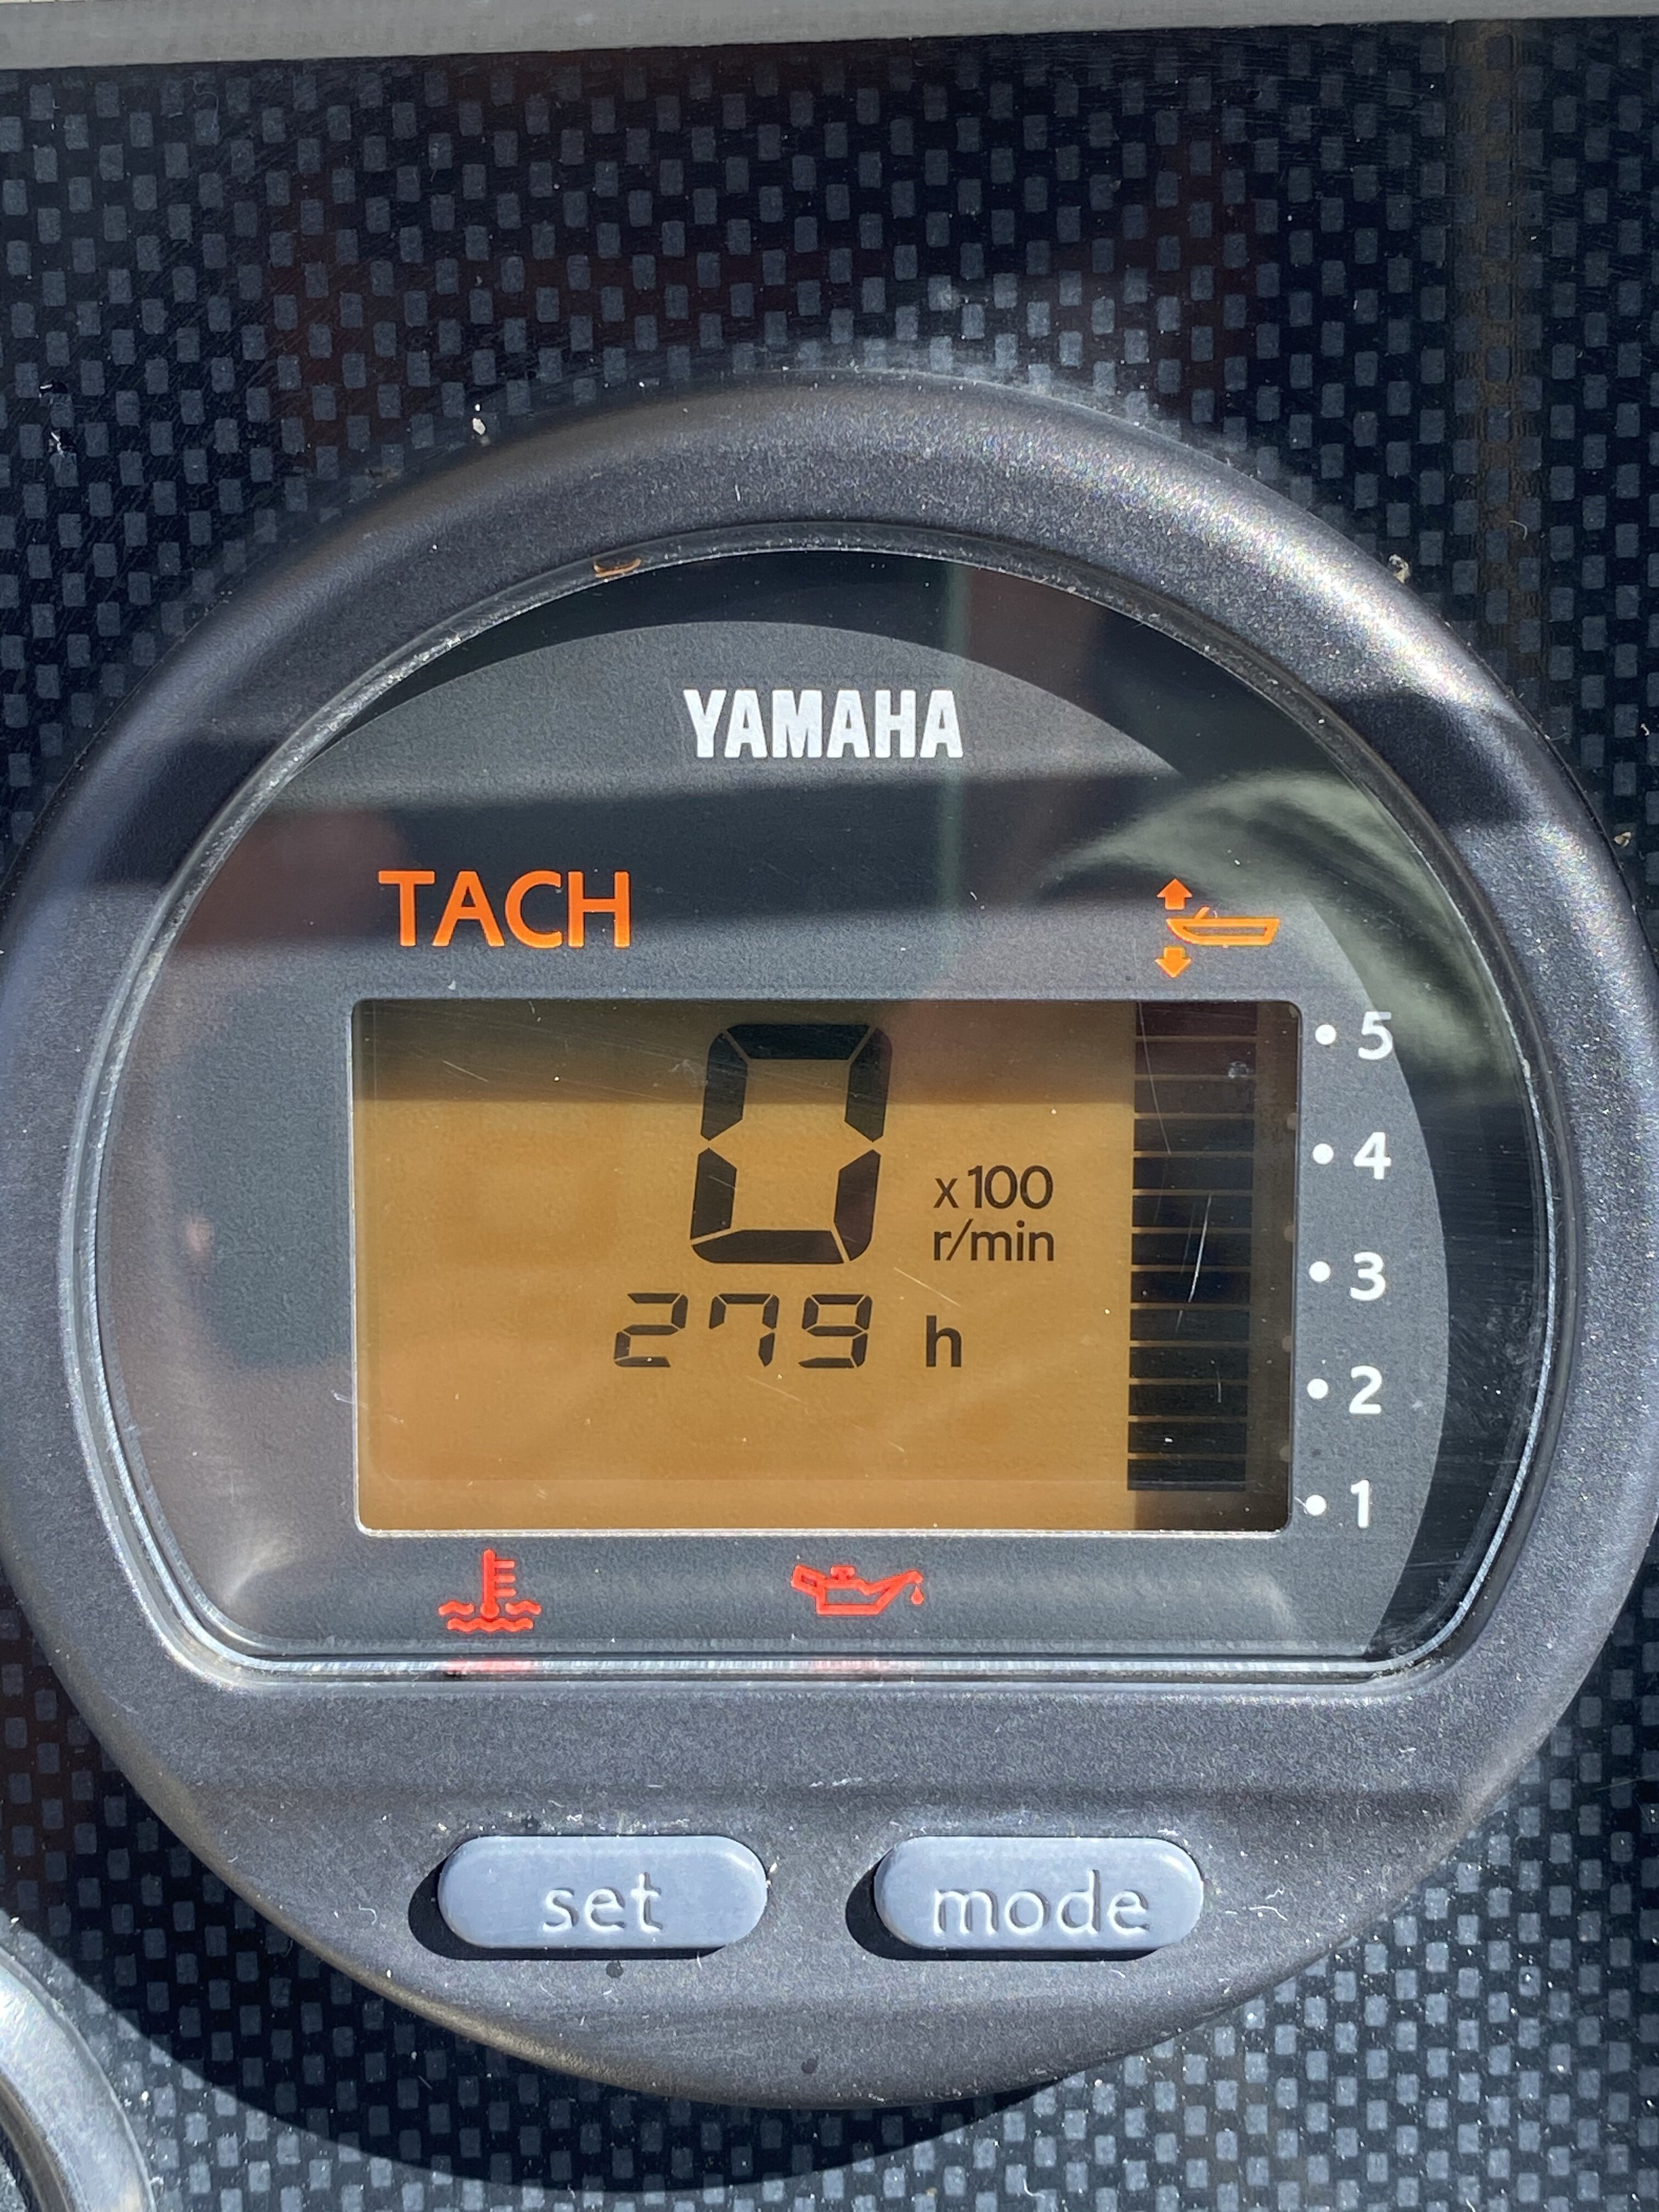 7ED7B6CD-D81C-4B40-A075-F16AA31197F4.jpeg